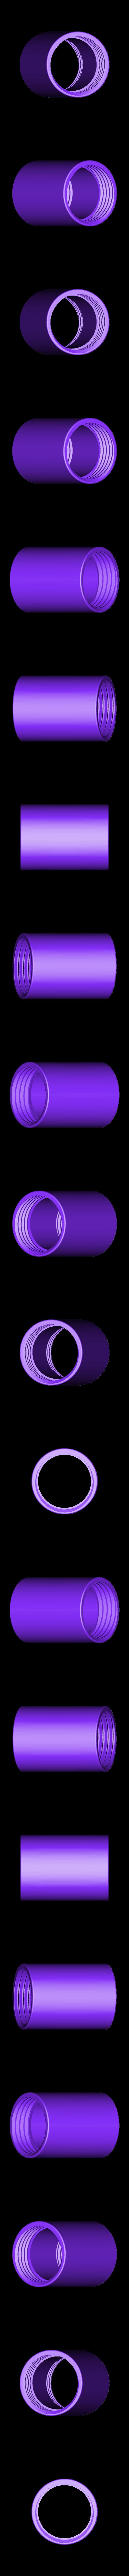 Press_Housing.stl Télécharger fichier STL gratuit Presse à main • Plan imprimable en 3D, JeenyusPete